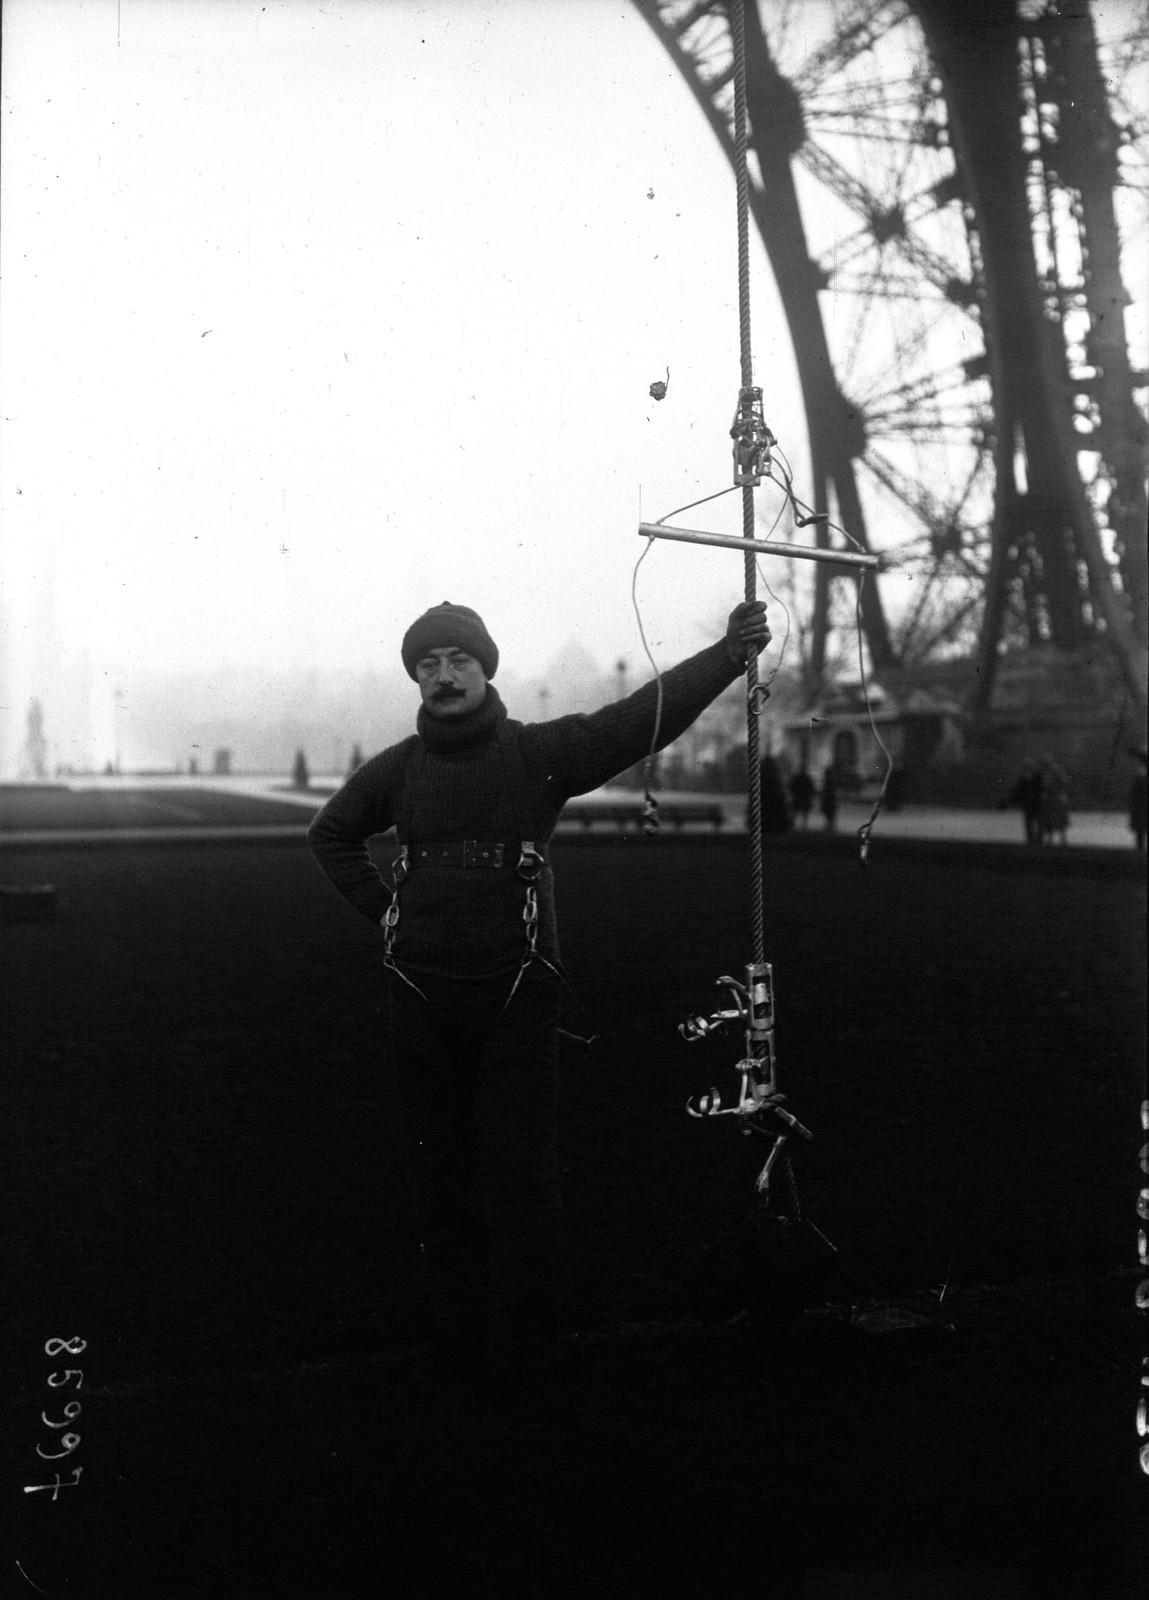 06. 1921. Поль Канс со своим устройством, которое он называет «мартышкой» (позволяющее подниматься и опускаться по гладким канатам) у Эйфелевой башни